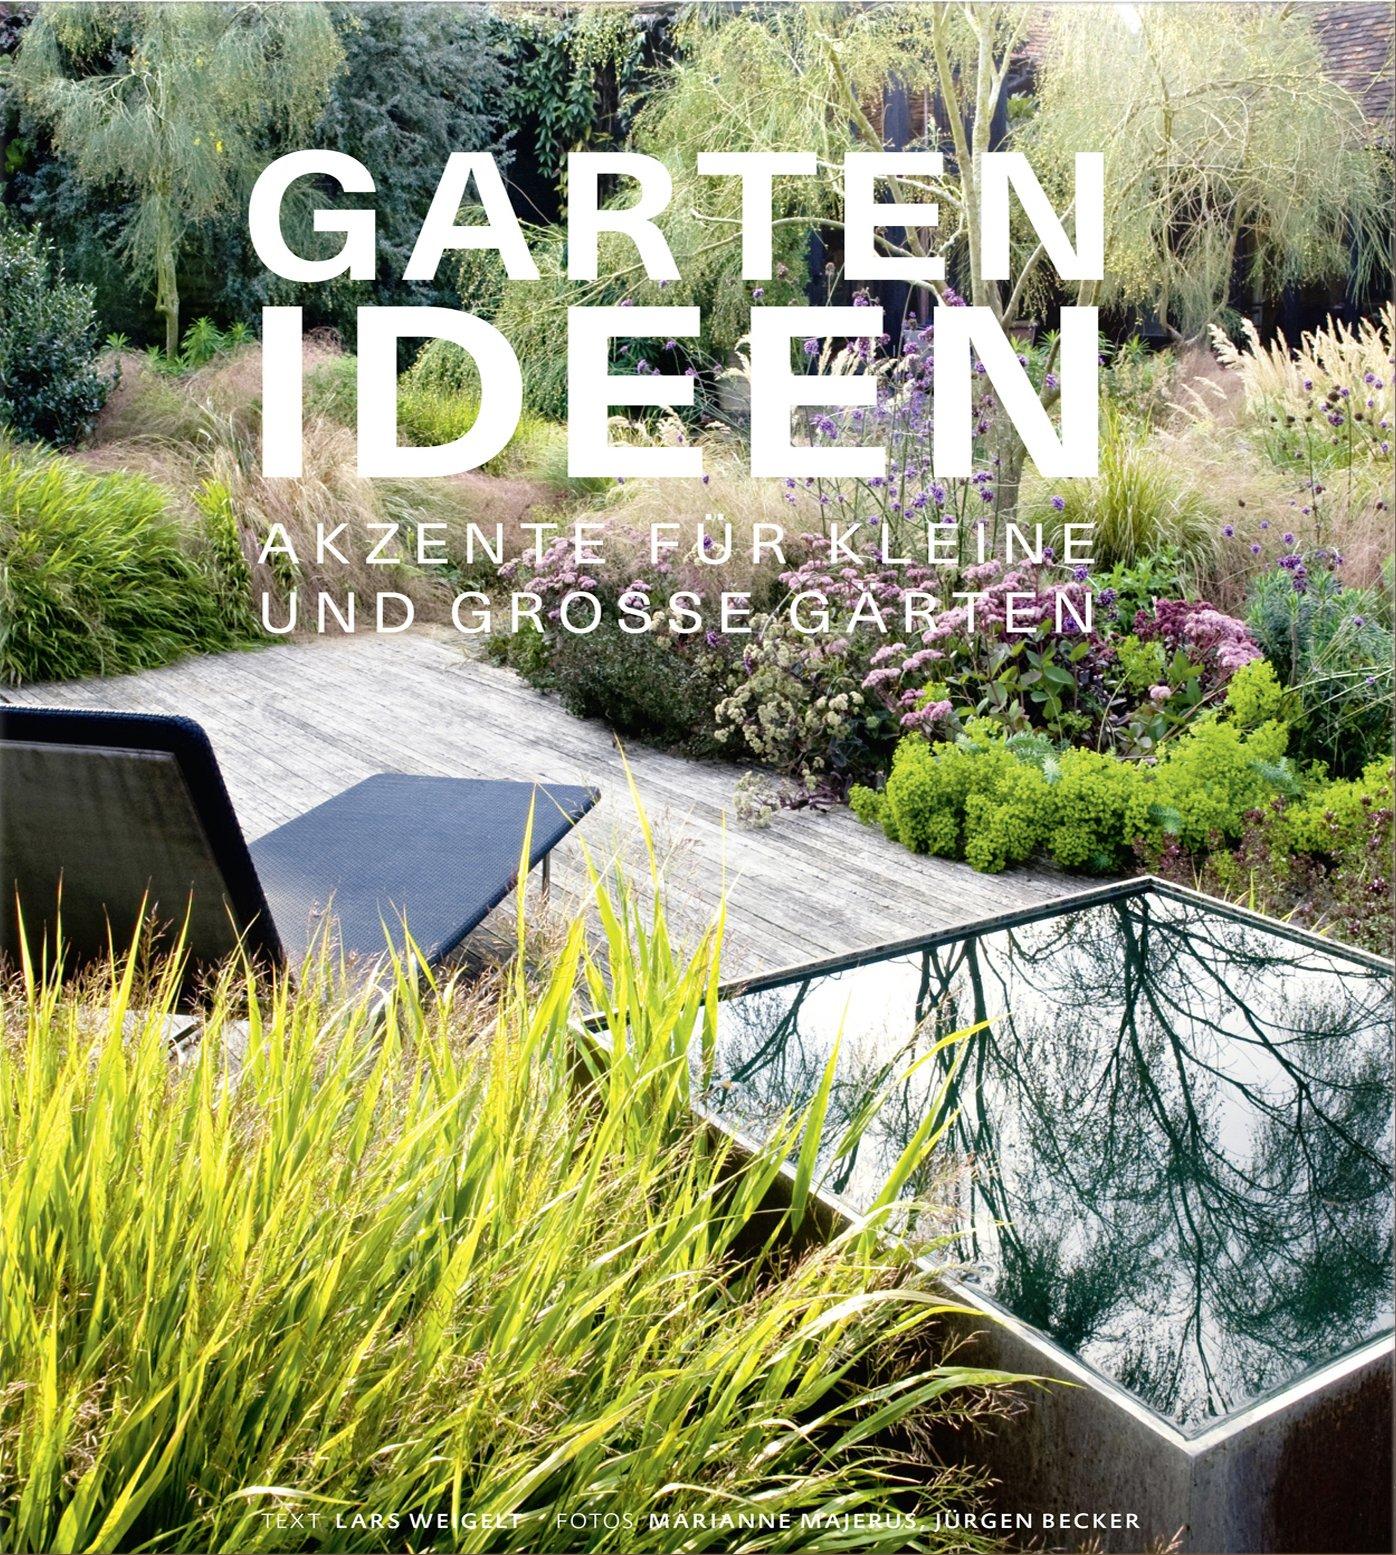 Gartenideen   Akzente Für Kleine Und Große Gärten: Amazon.de: Lars Weigelt,  Marianne Majerus (Fotos), Jürgen Becker (Fotos): Bücher